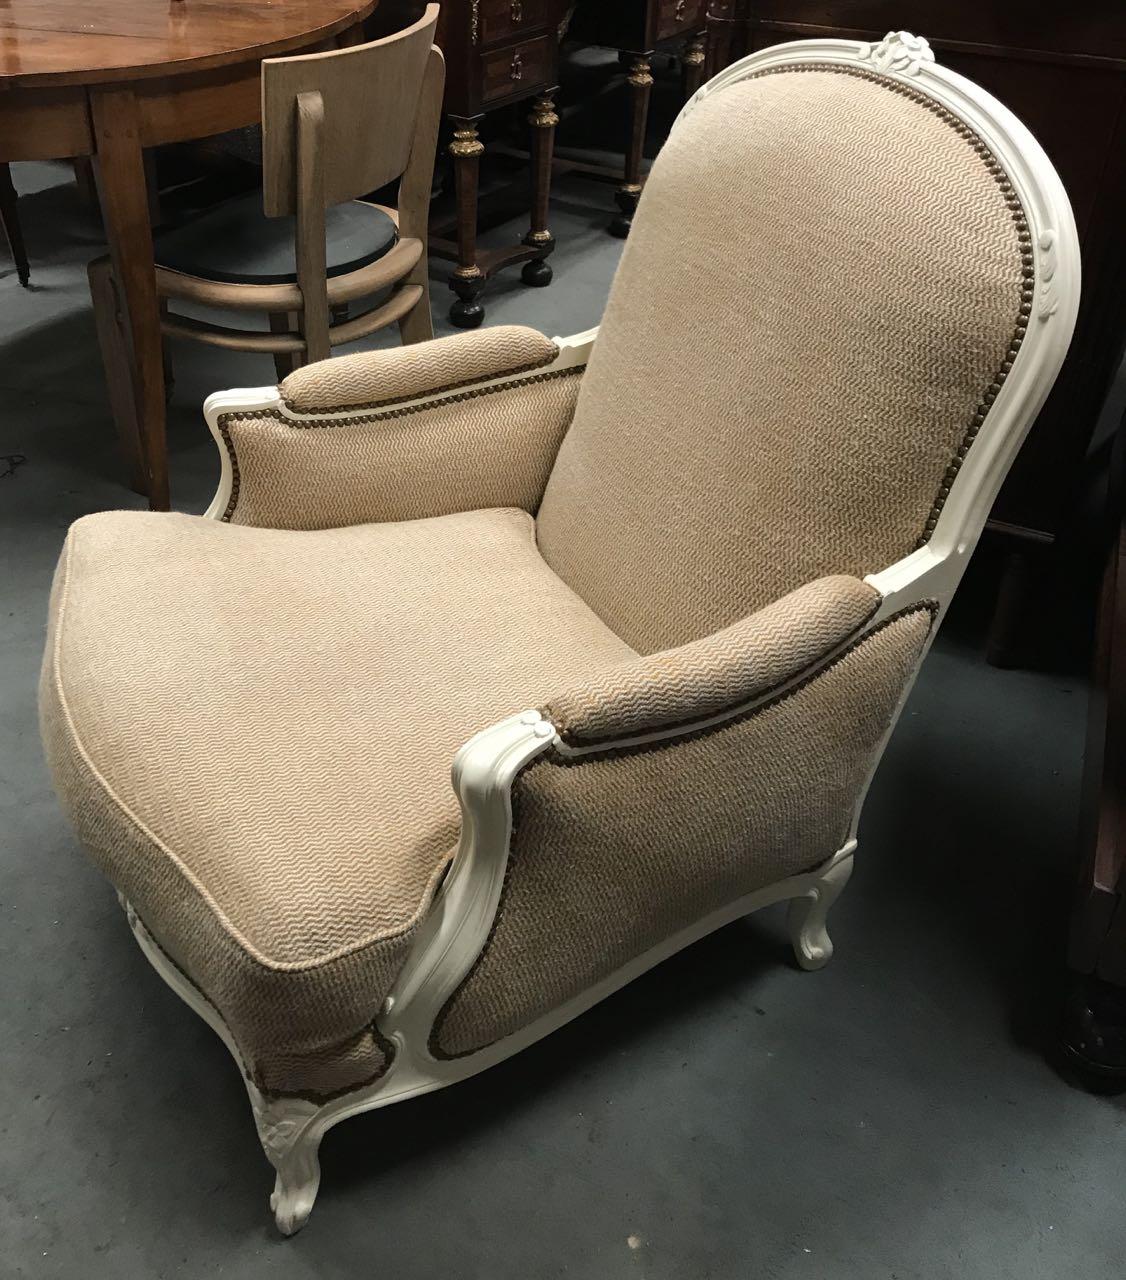 Paire de bergères de style Louis XV en hêtre dite confortable avec coussinAtelier Patrice Bricout EPV Marcq en Baroeul | Atelier Patrice Bricout